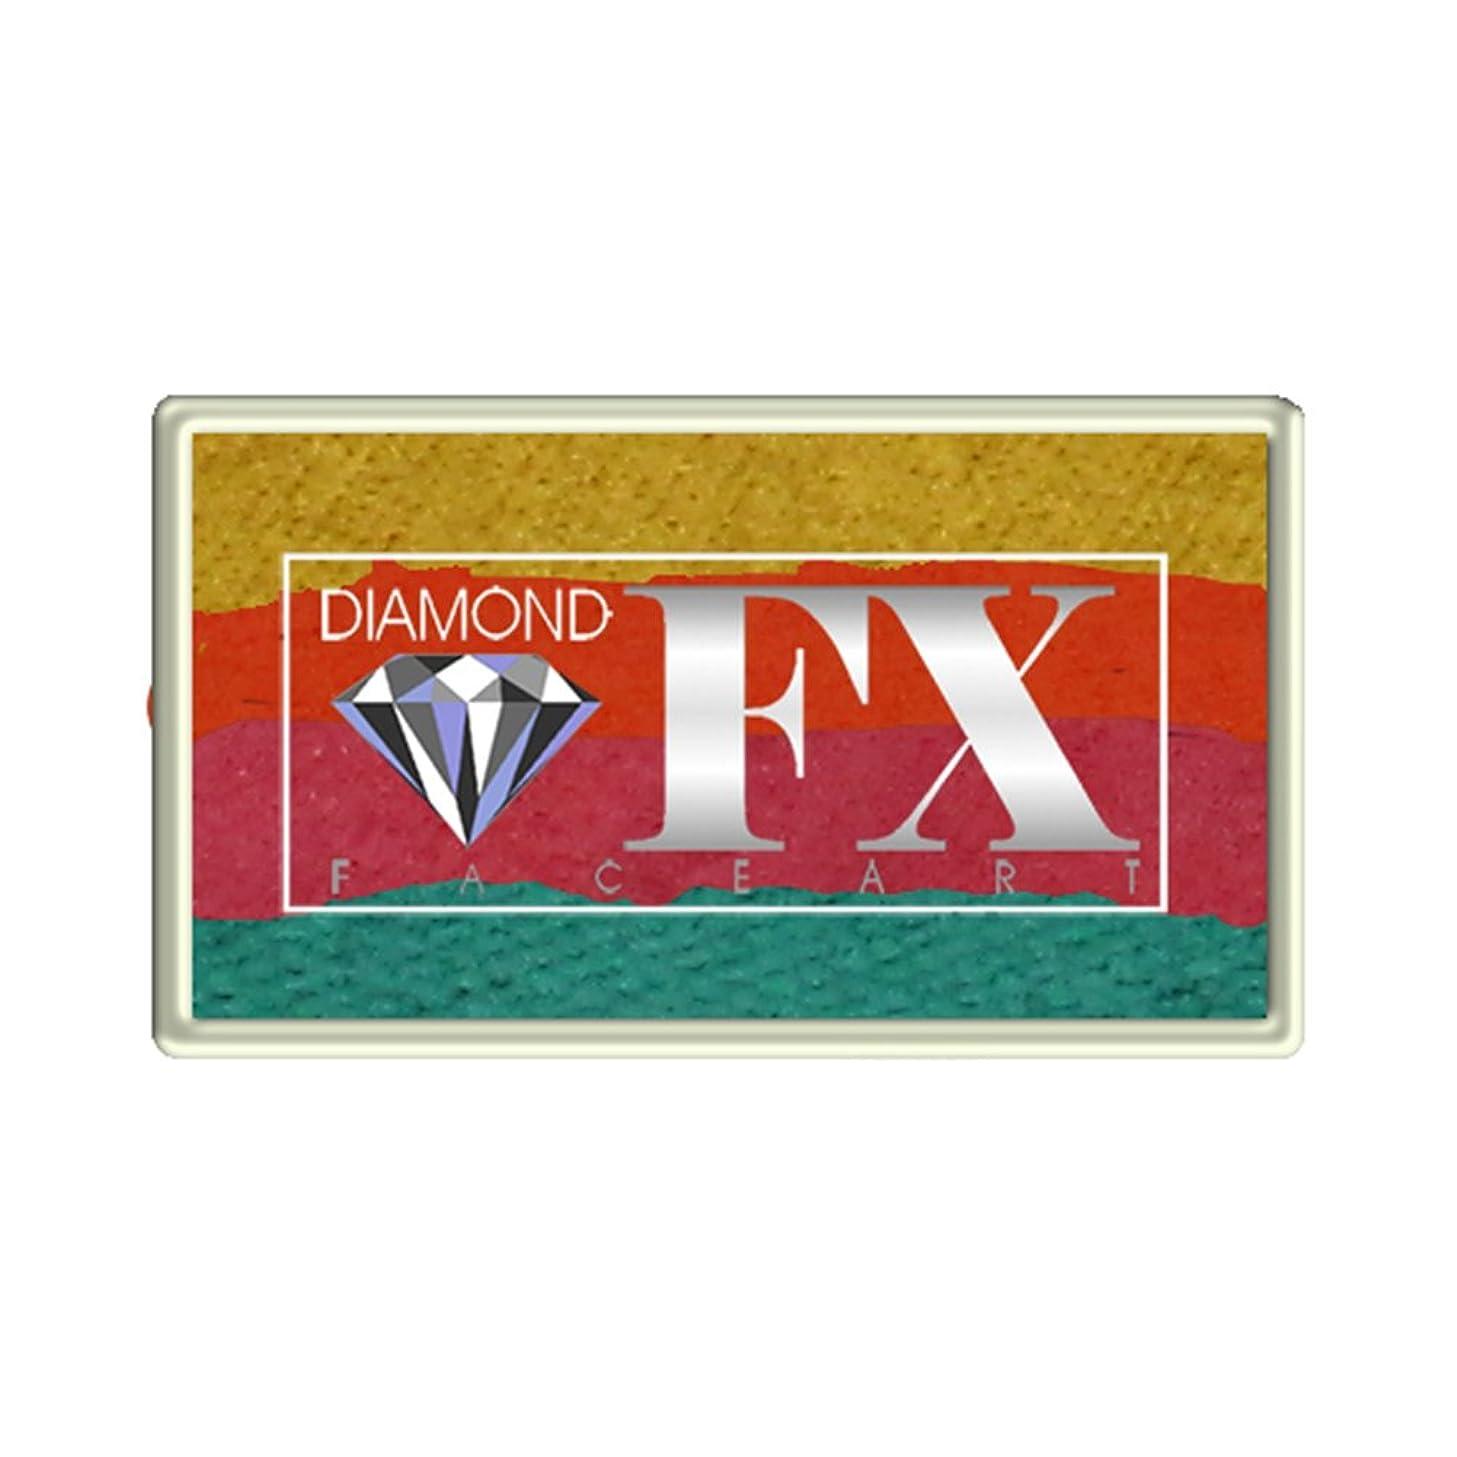 Diamond FX Custom Split Cake, 28 gm - Caribbean Sunset (RS30-47)